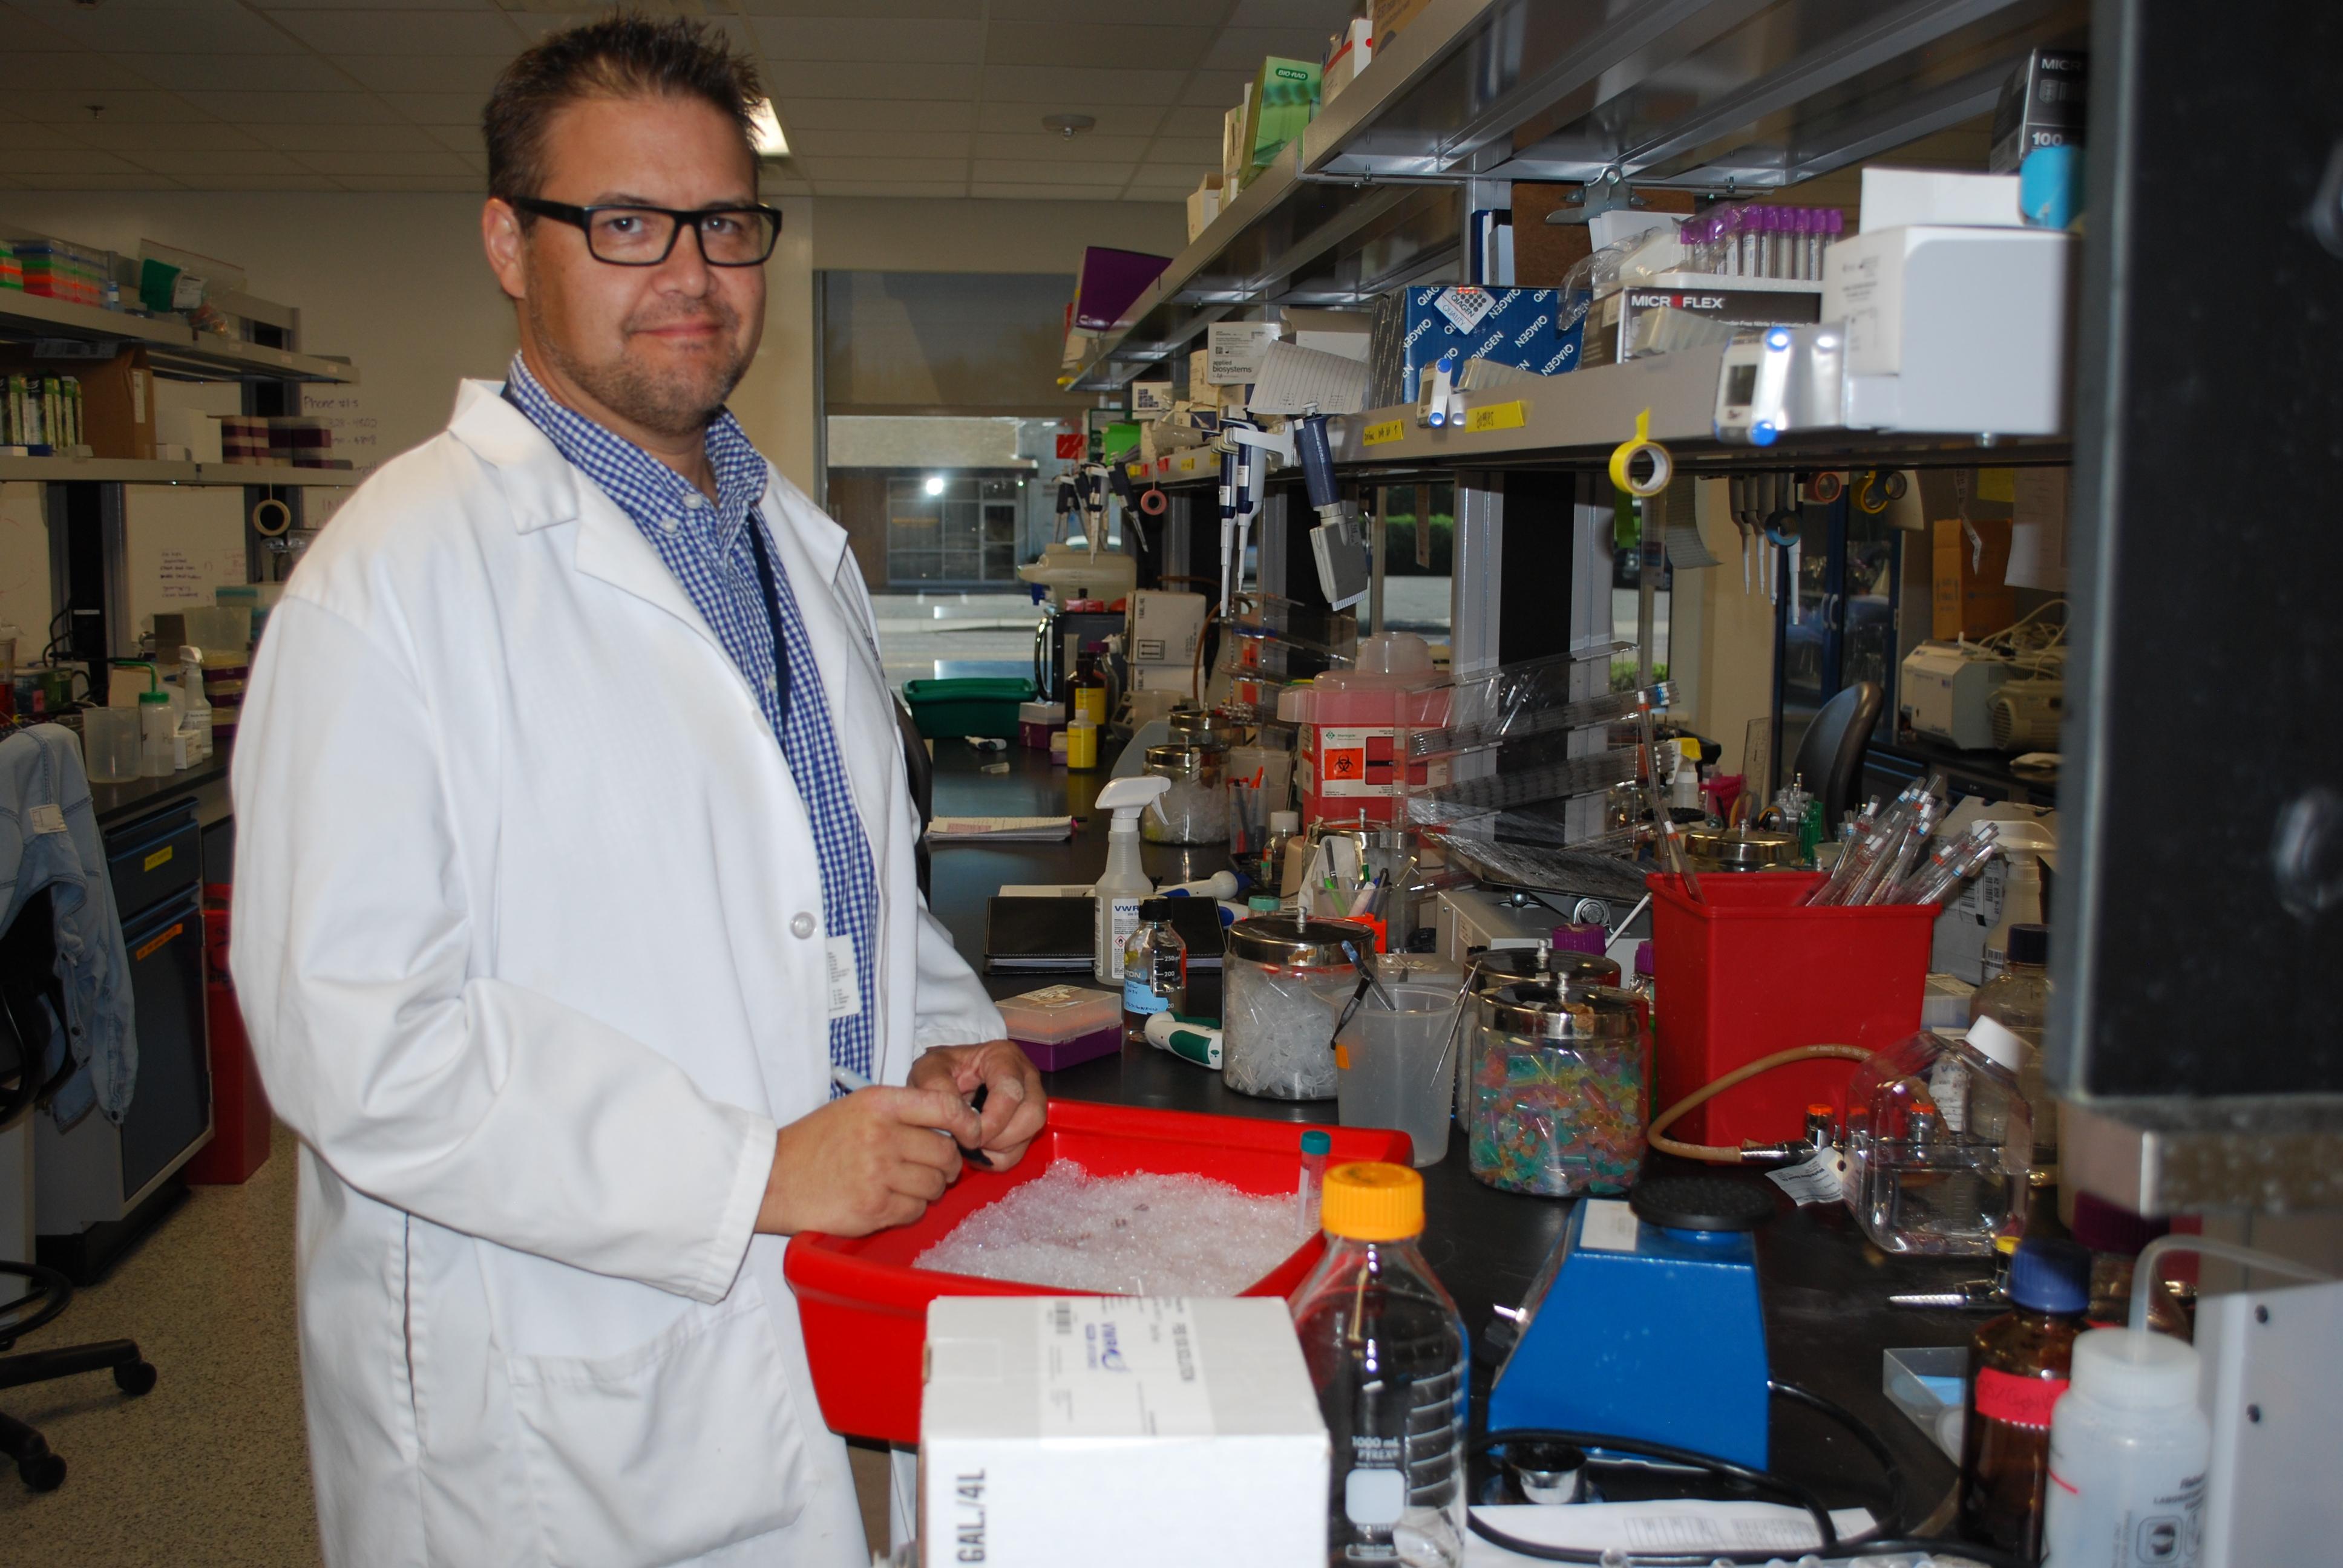 Landon Inge, researcher at NTI